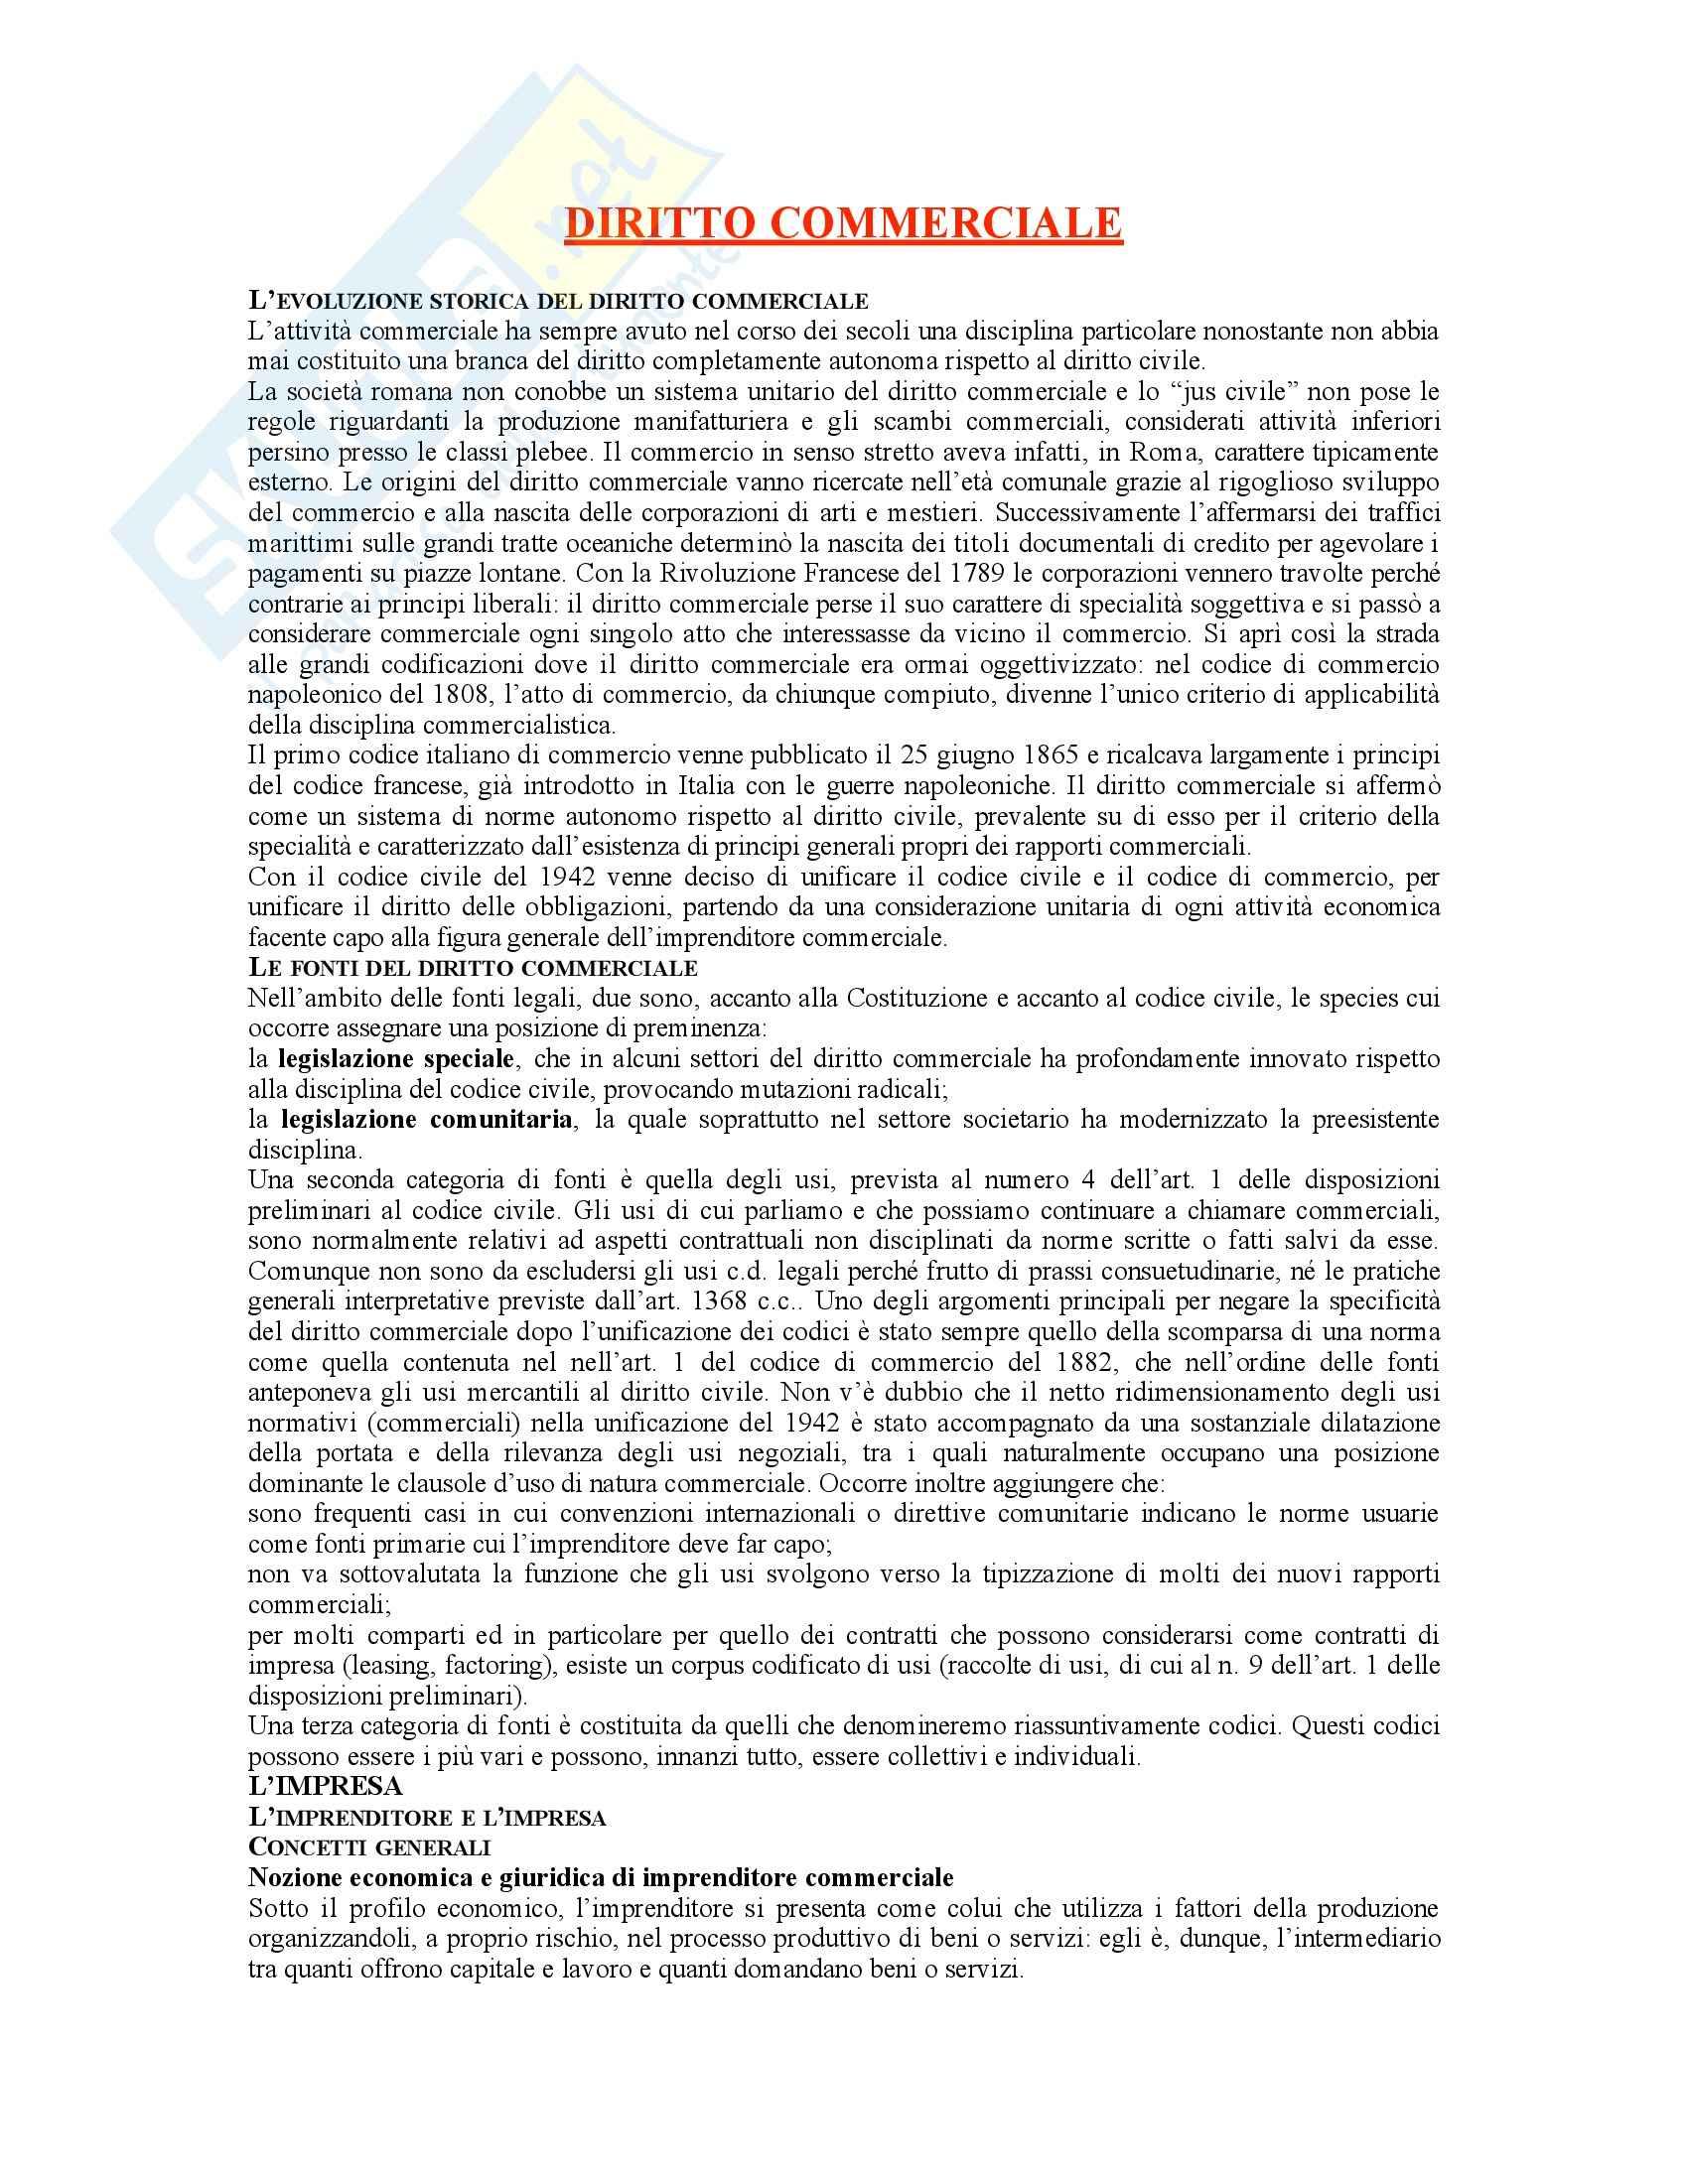 Diritto commerciale  - G. Campobasso